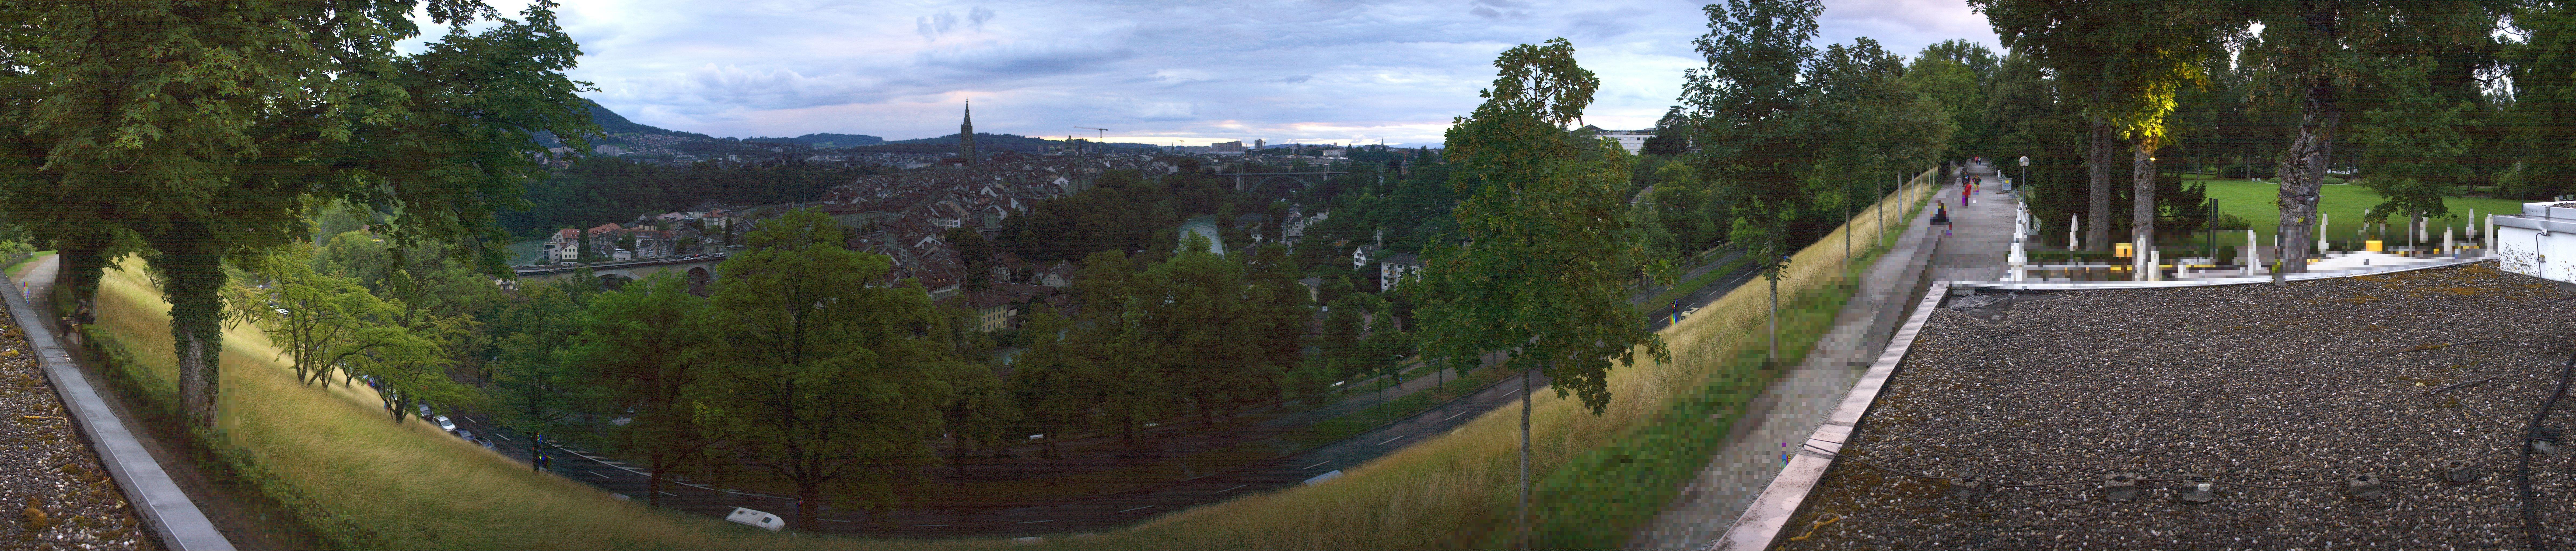 Bern: Restaurant Rosengarten